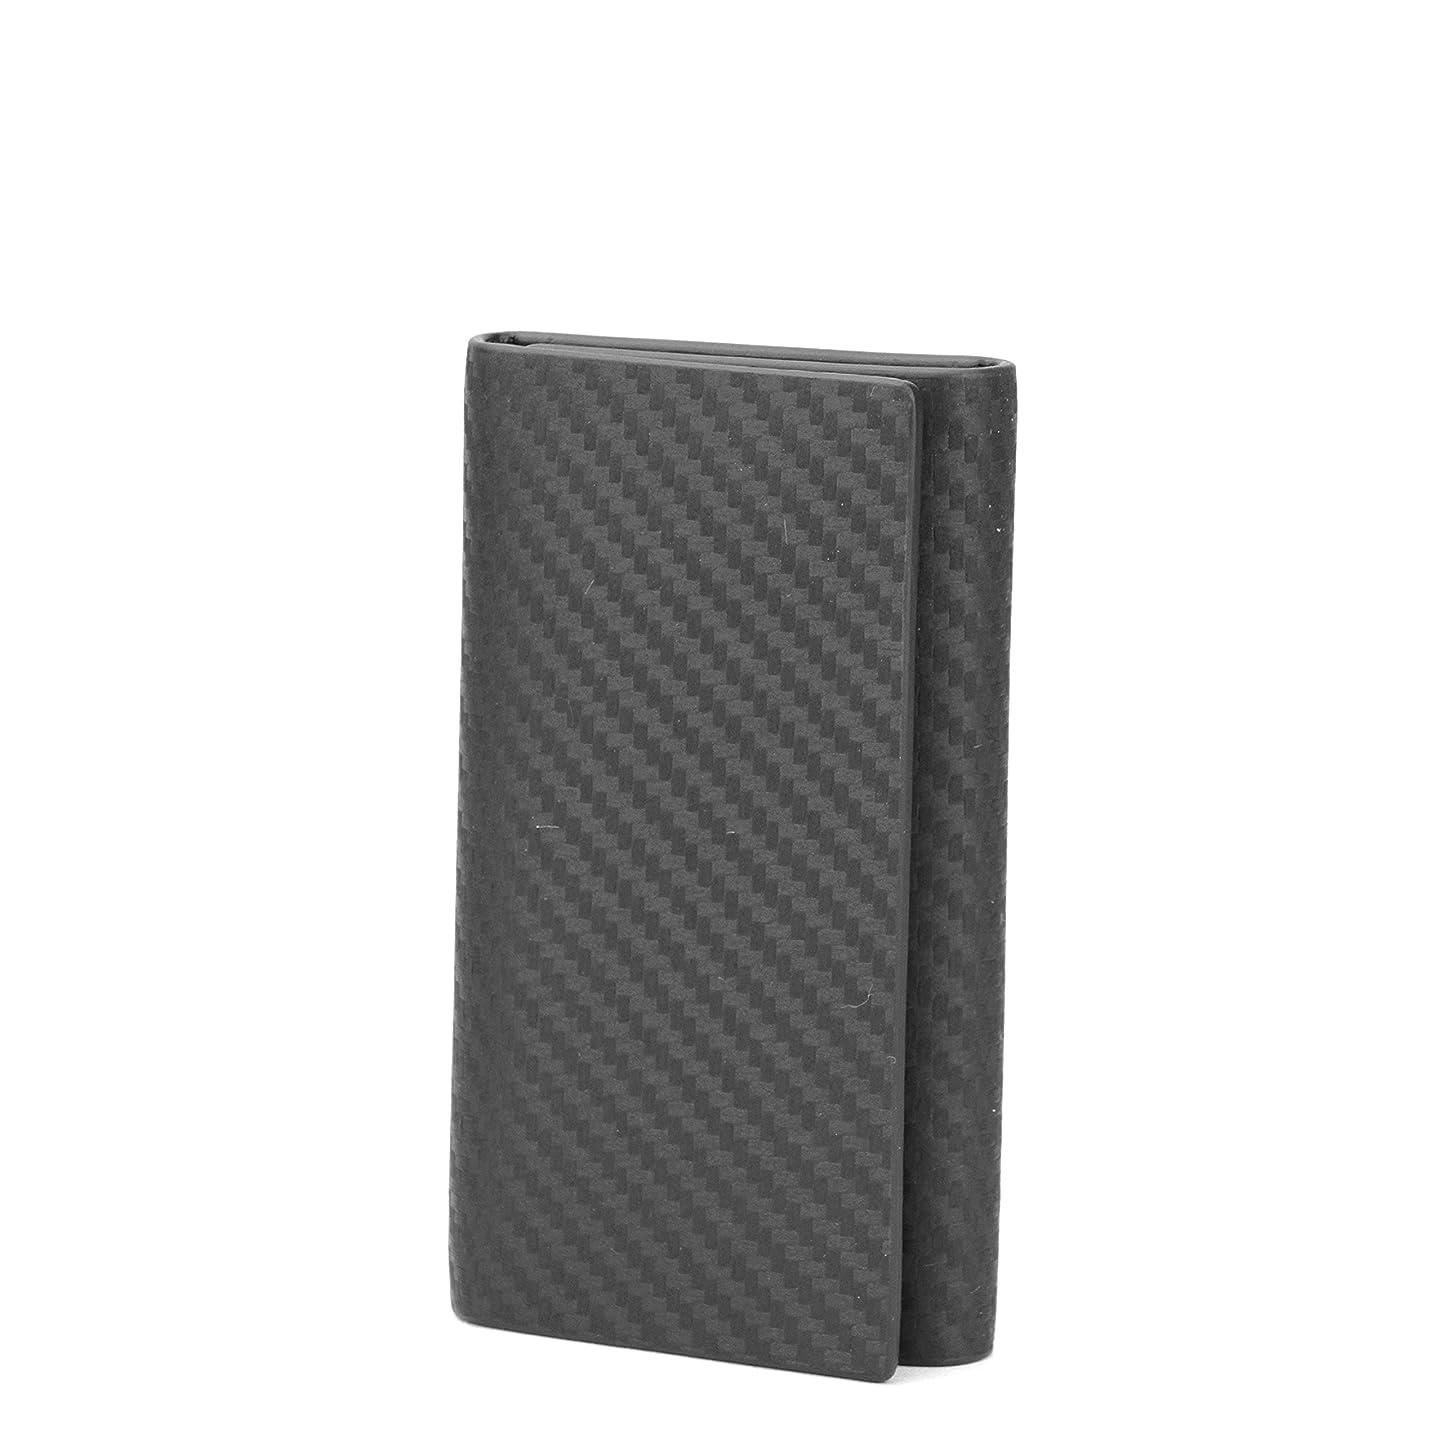 覚えているカード払い戻しDUNHILL 【ダンヒル】 キーケース L2H250A CHASSIS BLACK ブラック